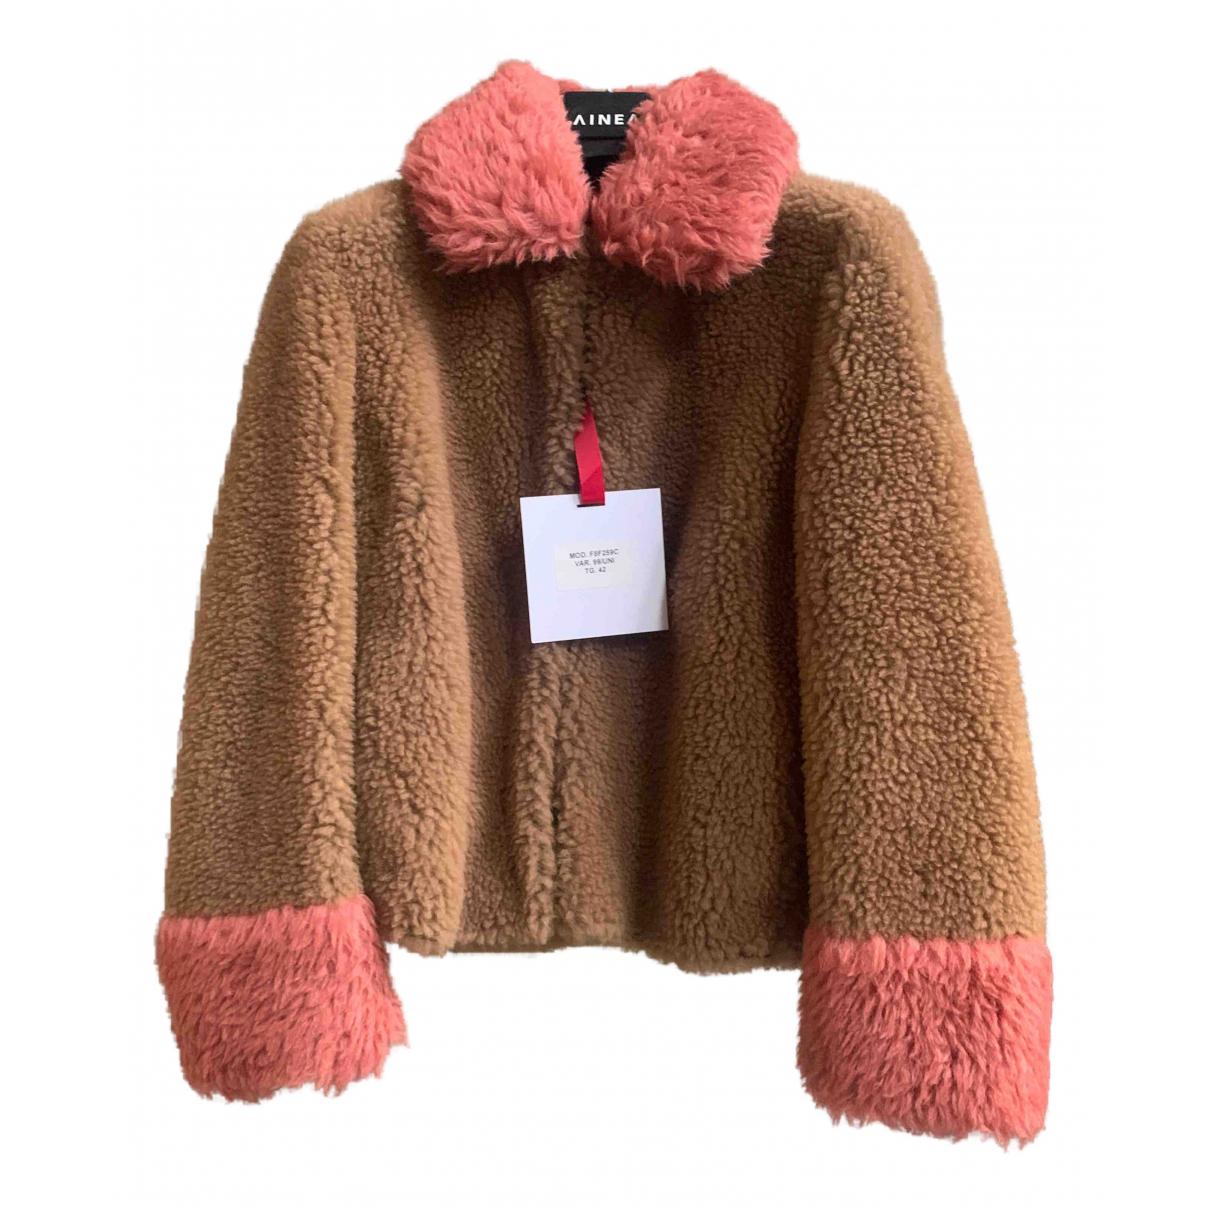 Ainea - Veste   pour femme en laine - beige